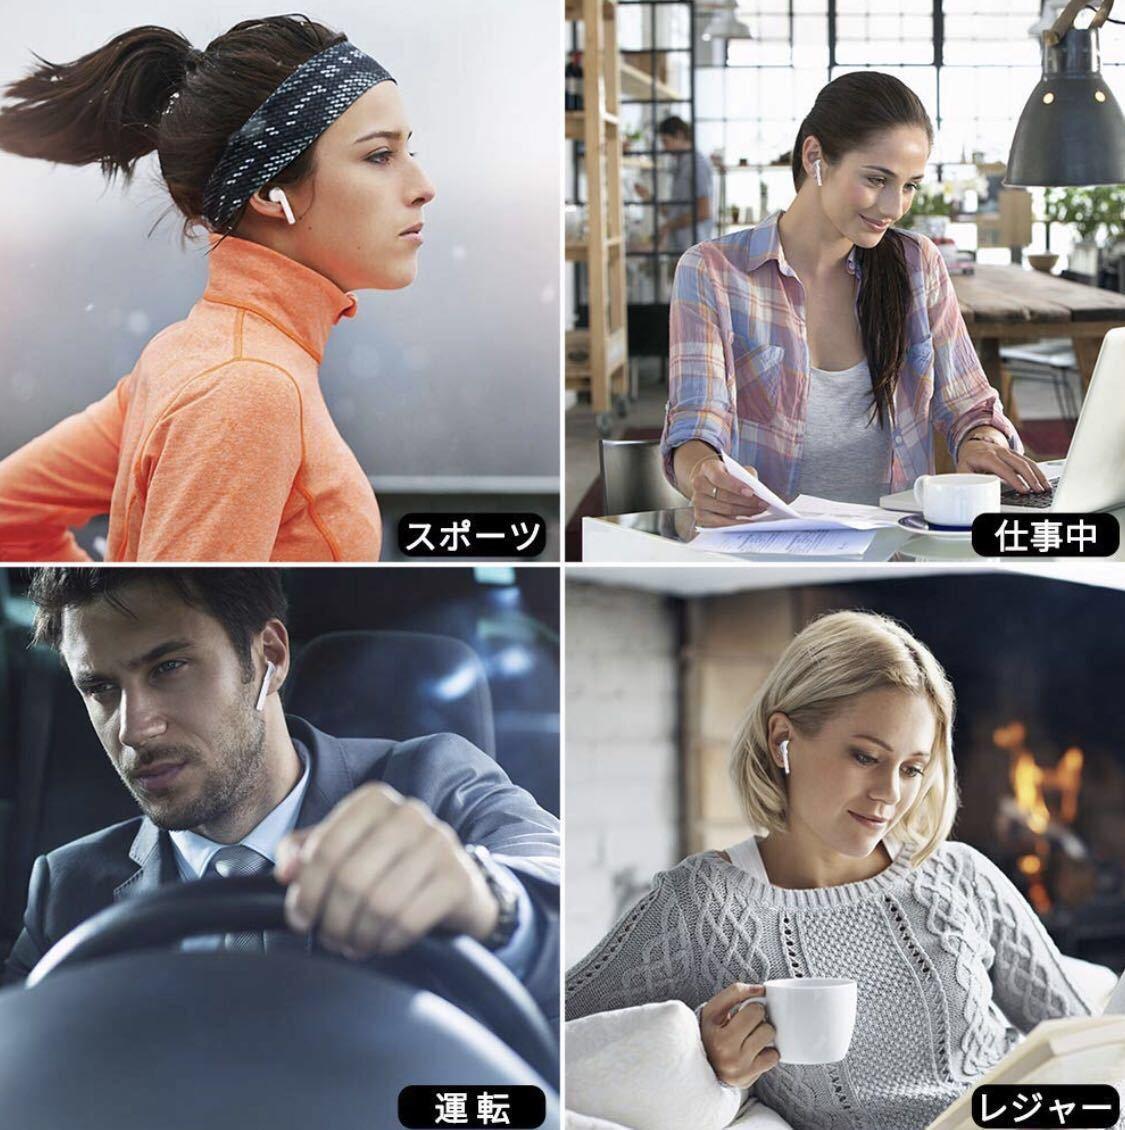 1円出品!【最新 Bluetooth5.0】ワイヤレスイヤホン ブルートゥース高音質 自動で接続ペアリング両耳通話 5時間連続音楽再生可能_画像6